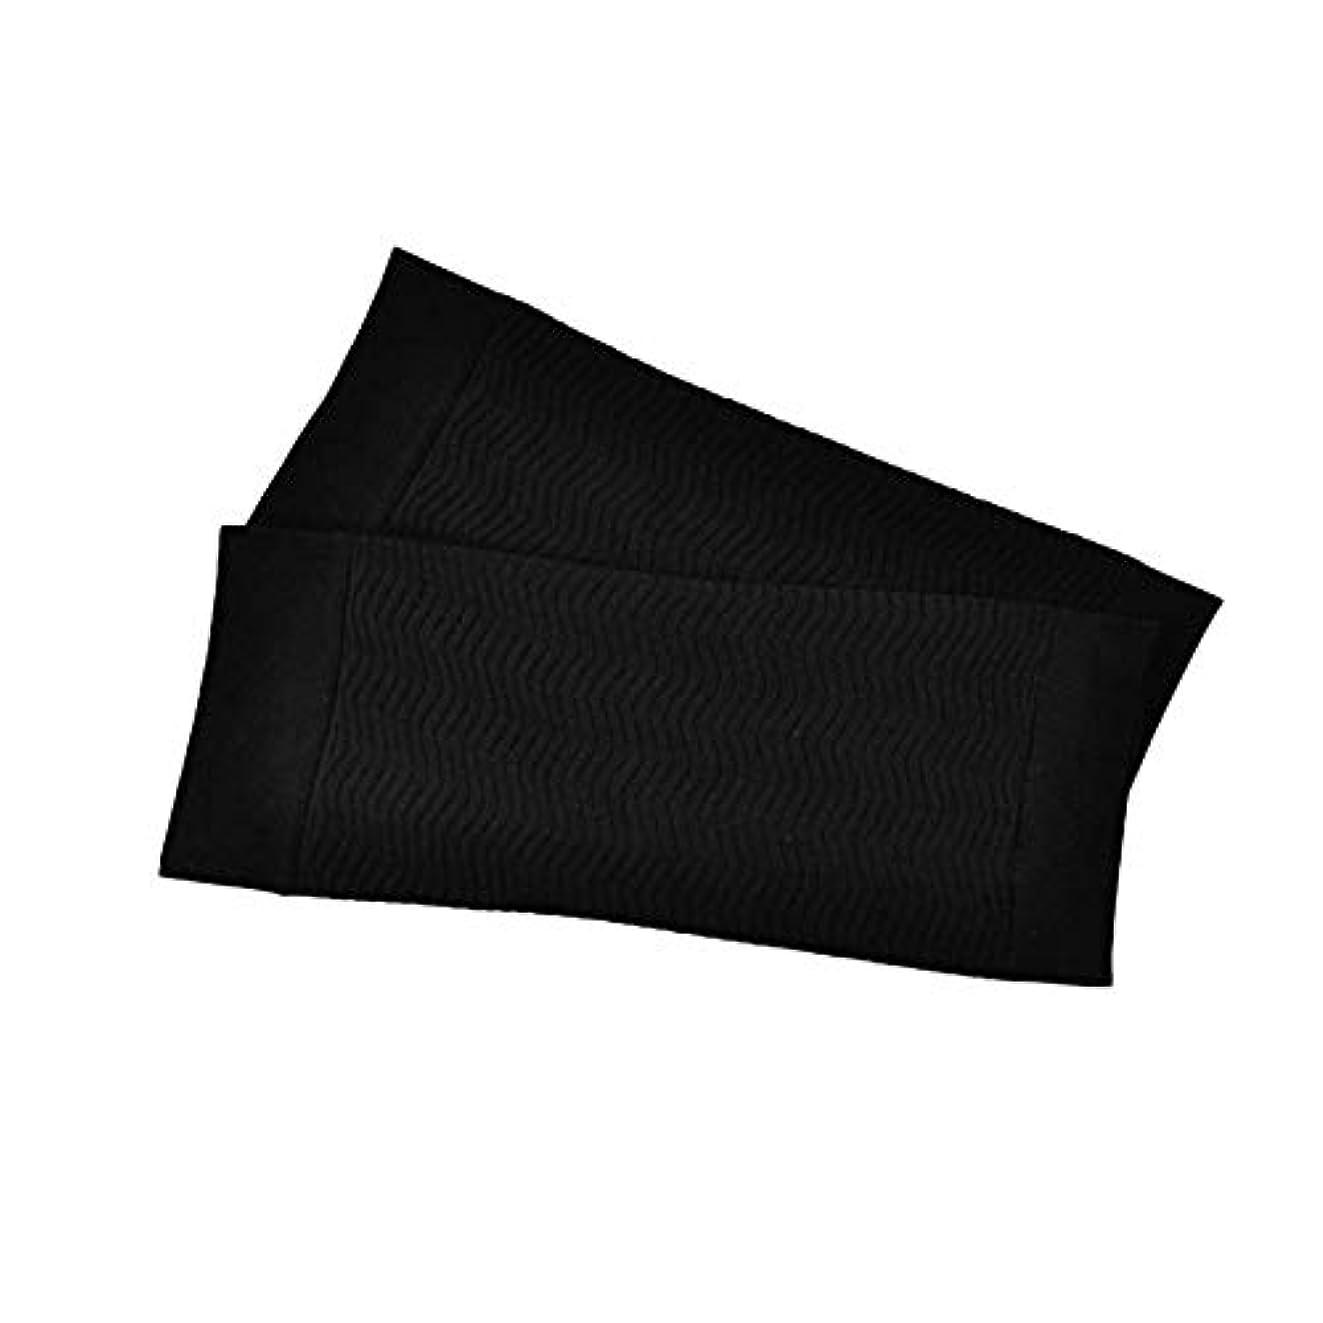 筋ラメギャロップ1ペア680 D圧縮アームシェイパーワークアウトトーニングバーンセルライトスリミングアームスリーブ脂肪燃焼半袖用女性 - ブラック